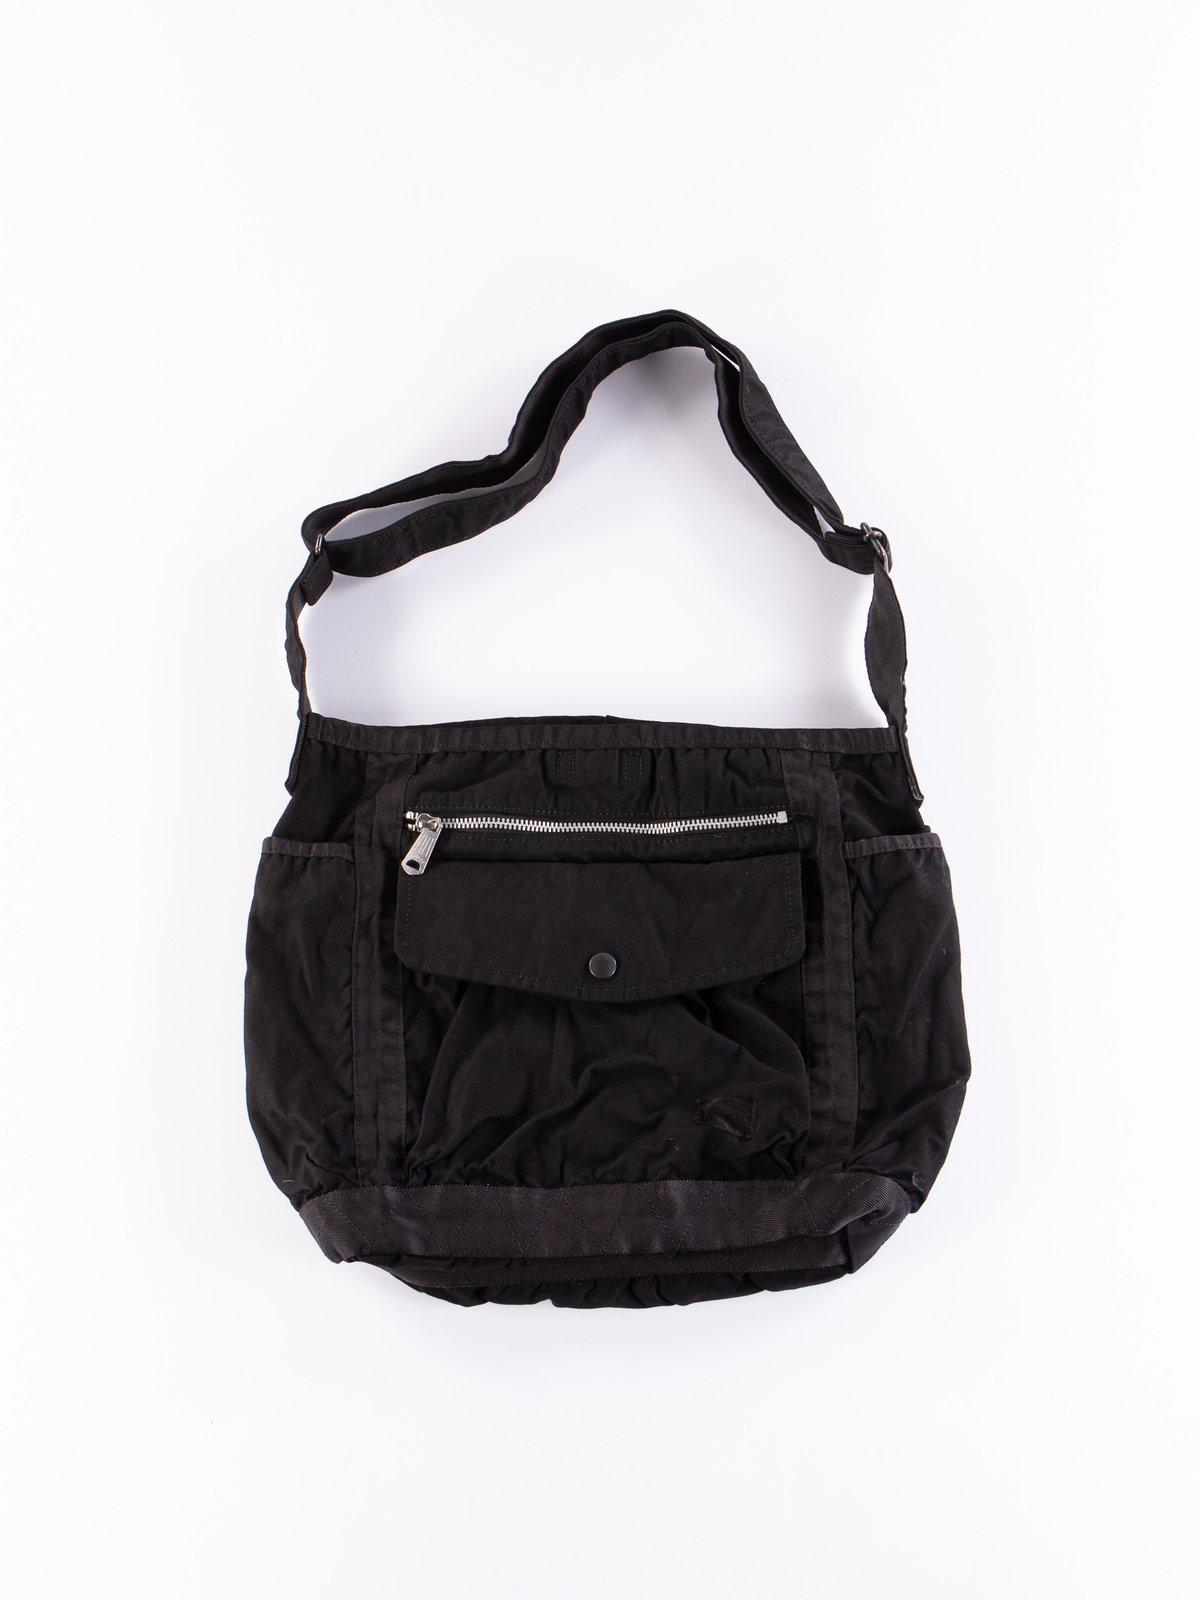 Black Crag Shoulder Bag Large - Image 1